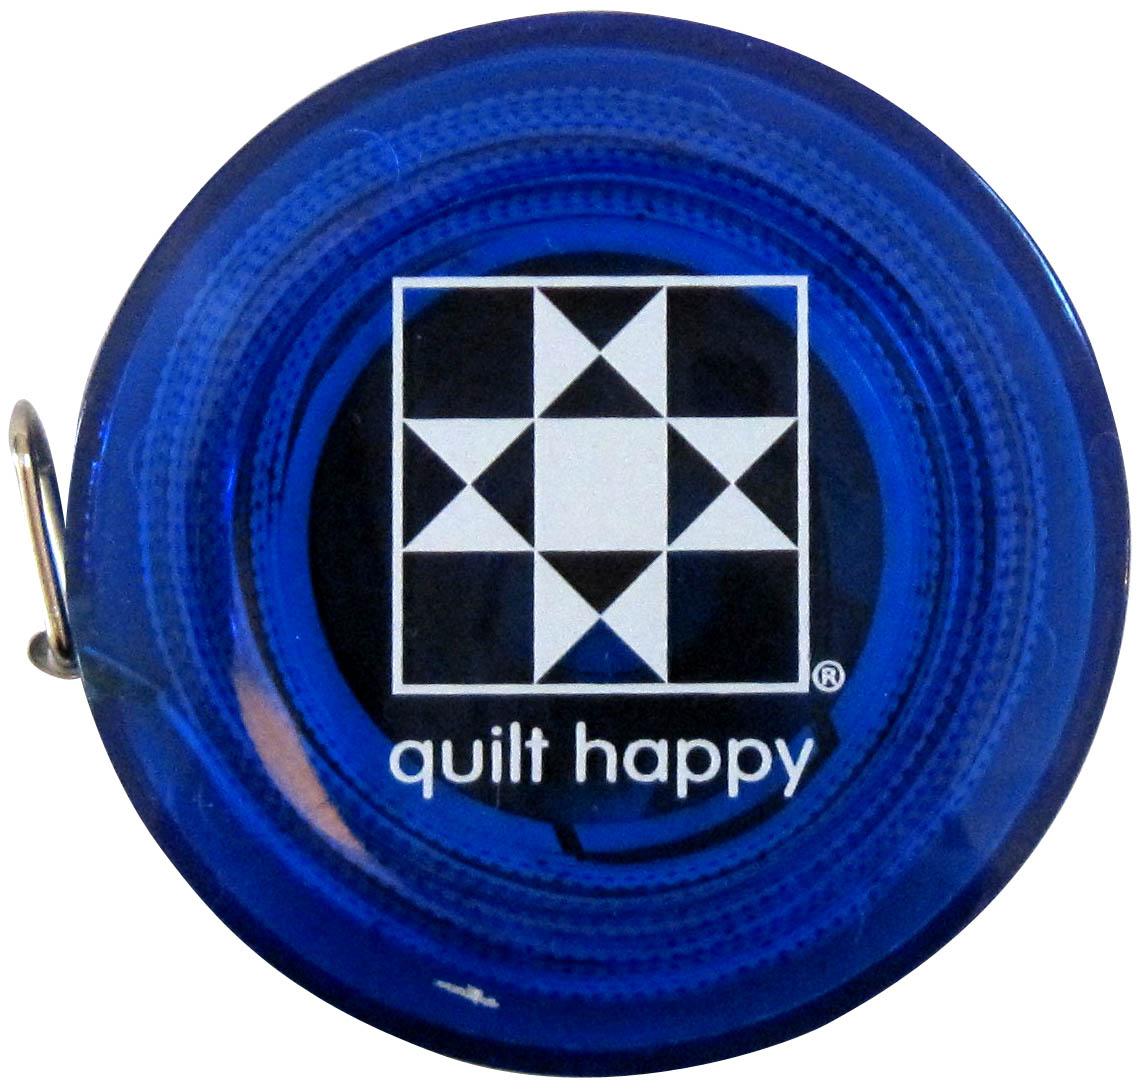 Quilt Happy 5 Ft, Retractable Tape Measure - Blue